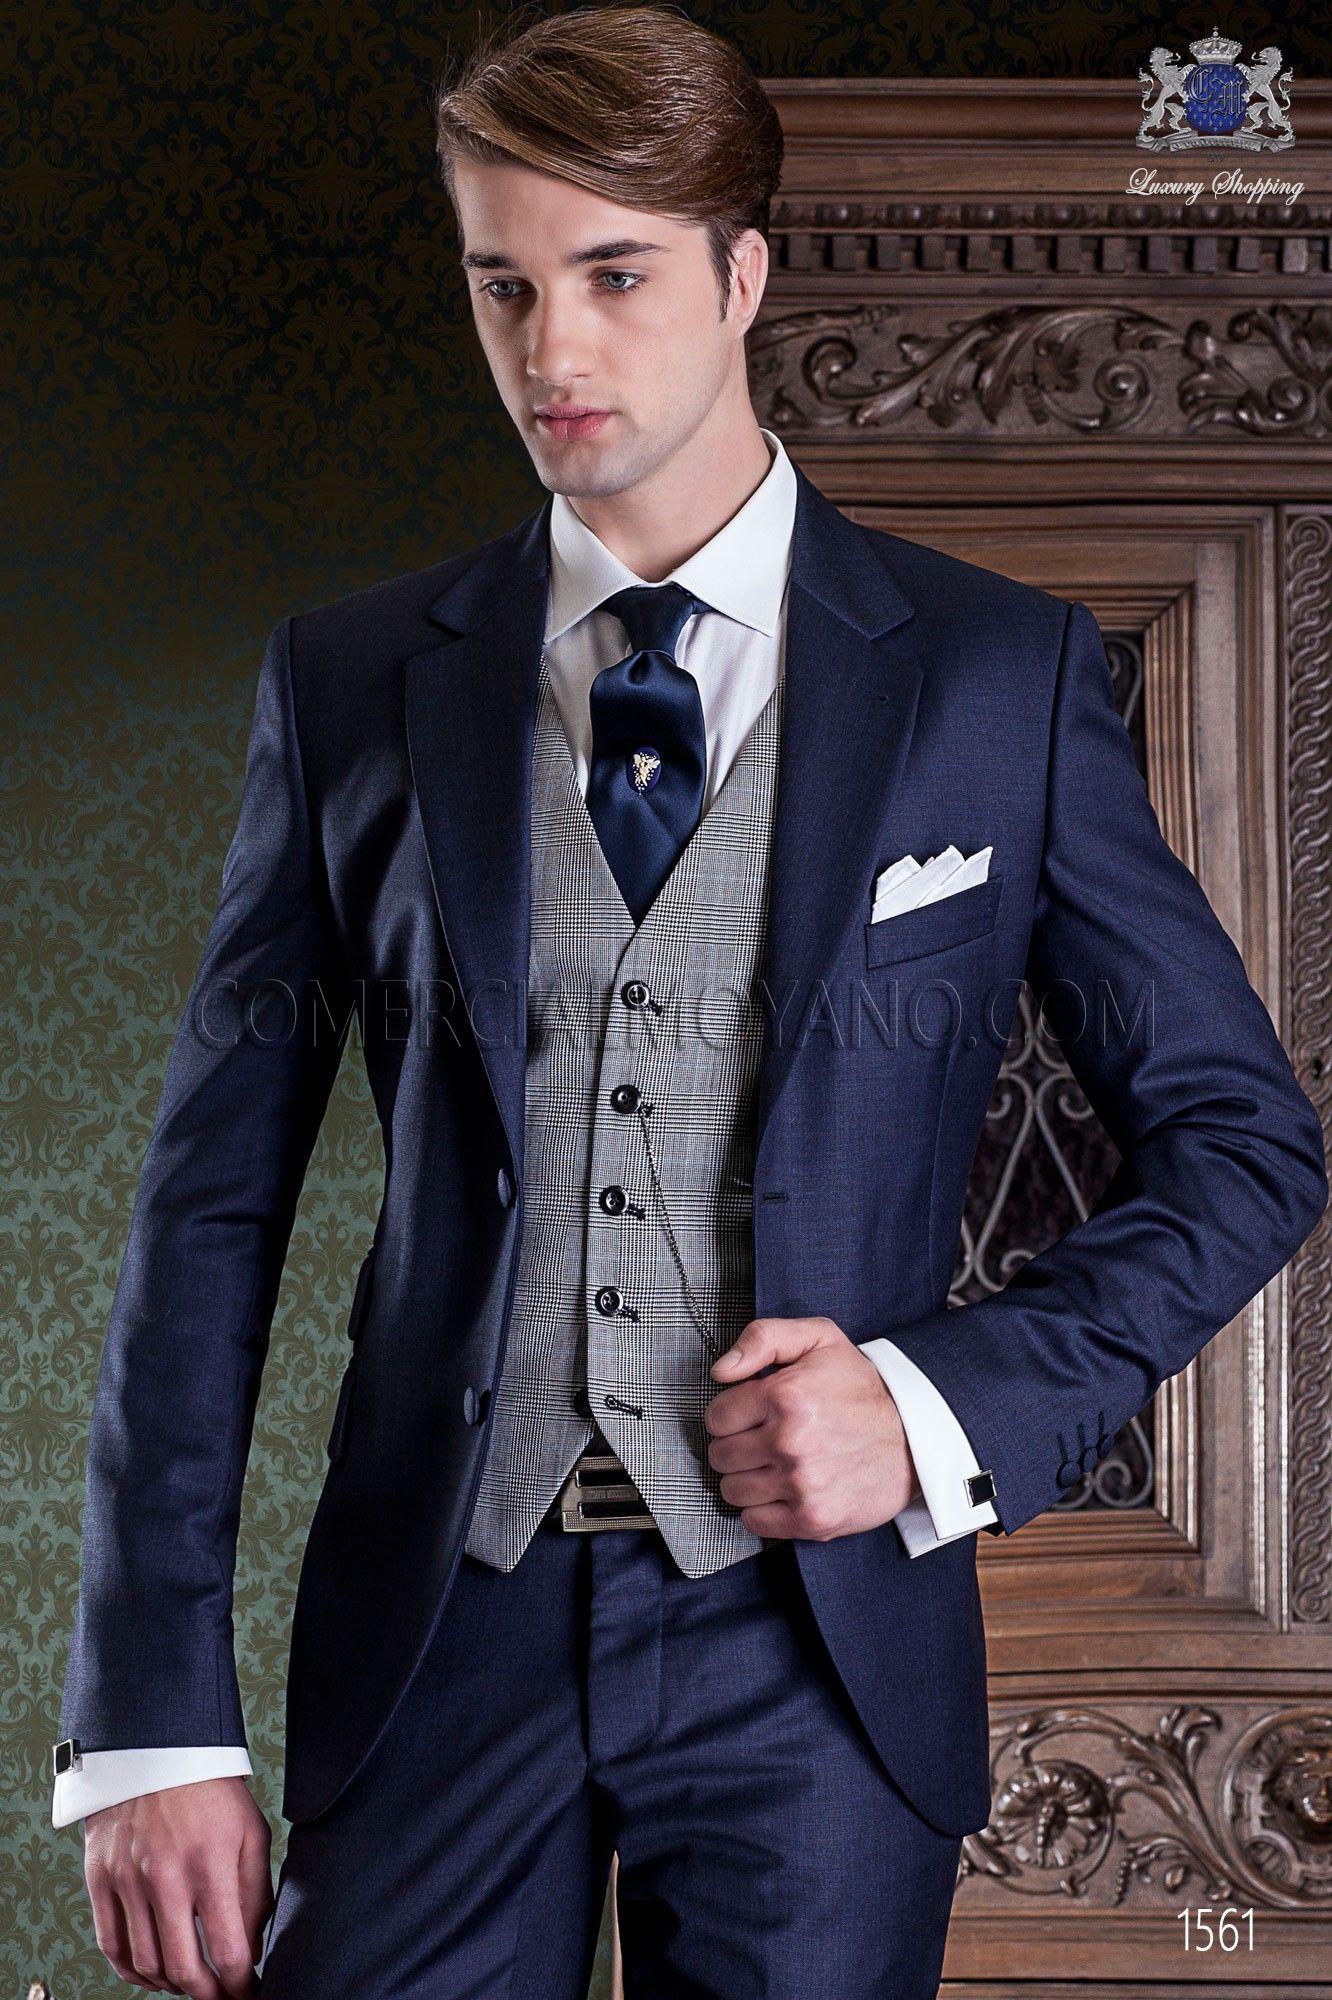 9fc7c80630 Traje de novio italiano azul marino. Traje de sastrería con 2 botones y  exclusivo corte italiano. Traje elegante colección gentleman 1561 Ottavio  Nuccio ...